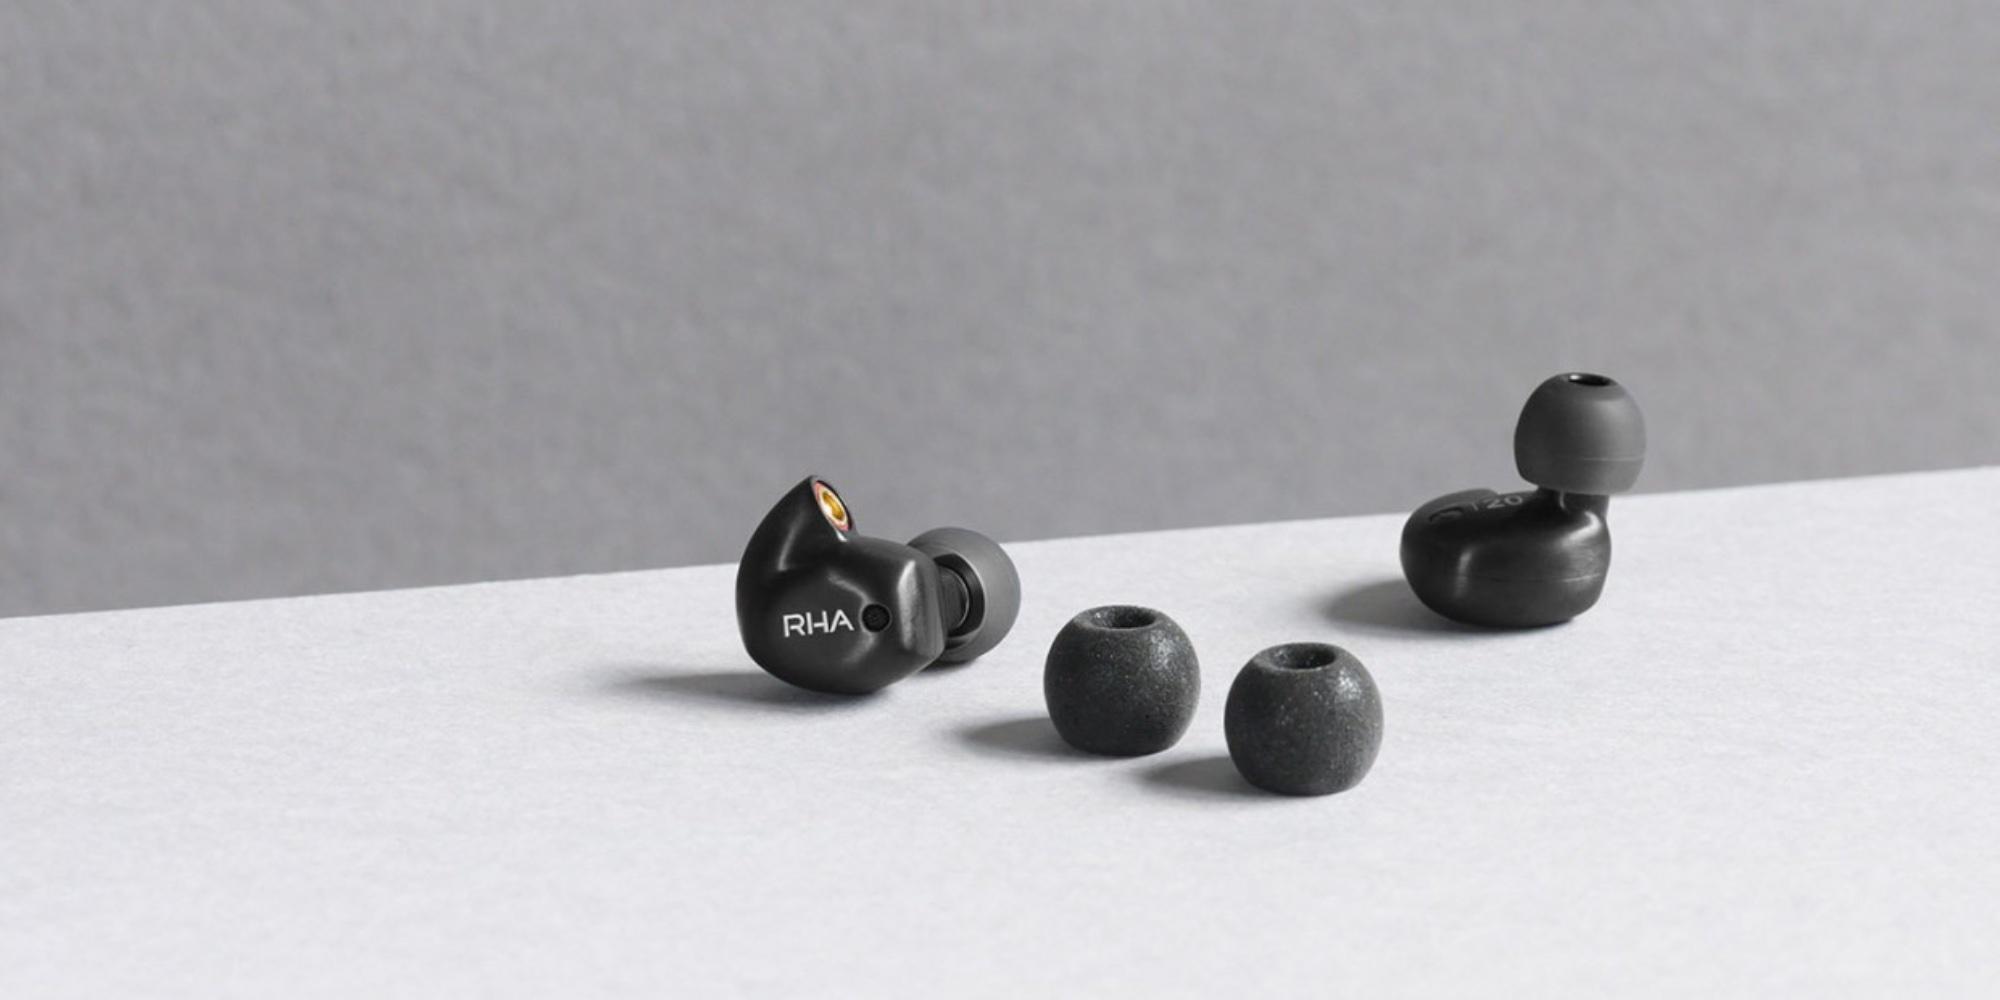 RHA T20 Wireless Earphones